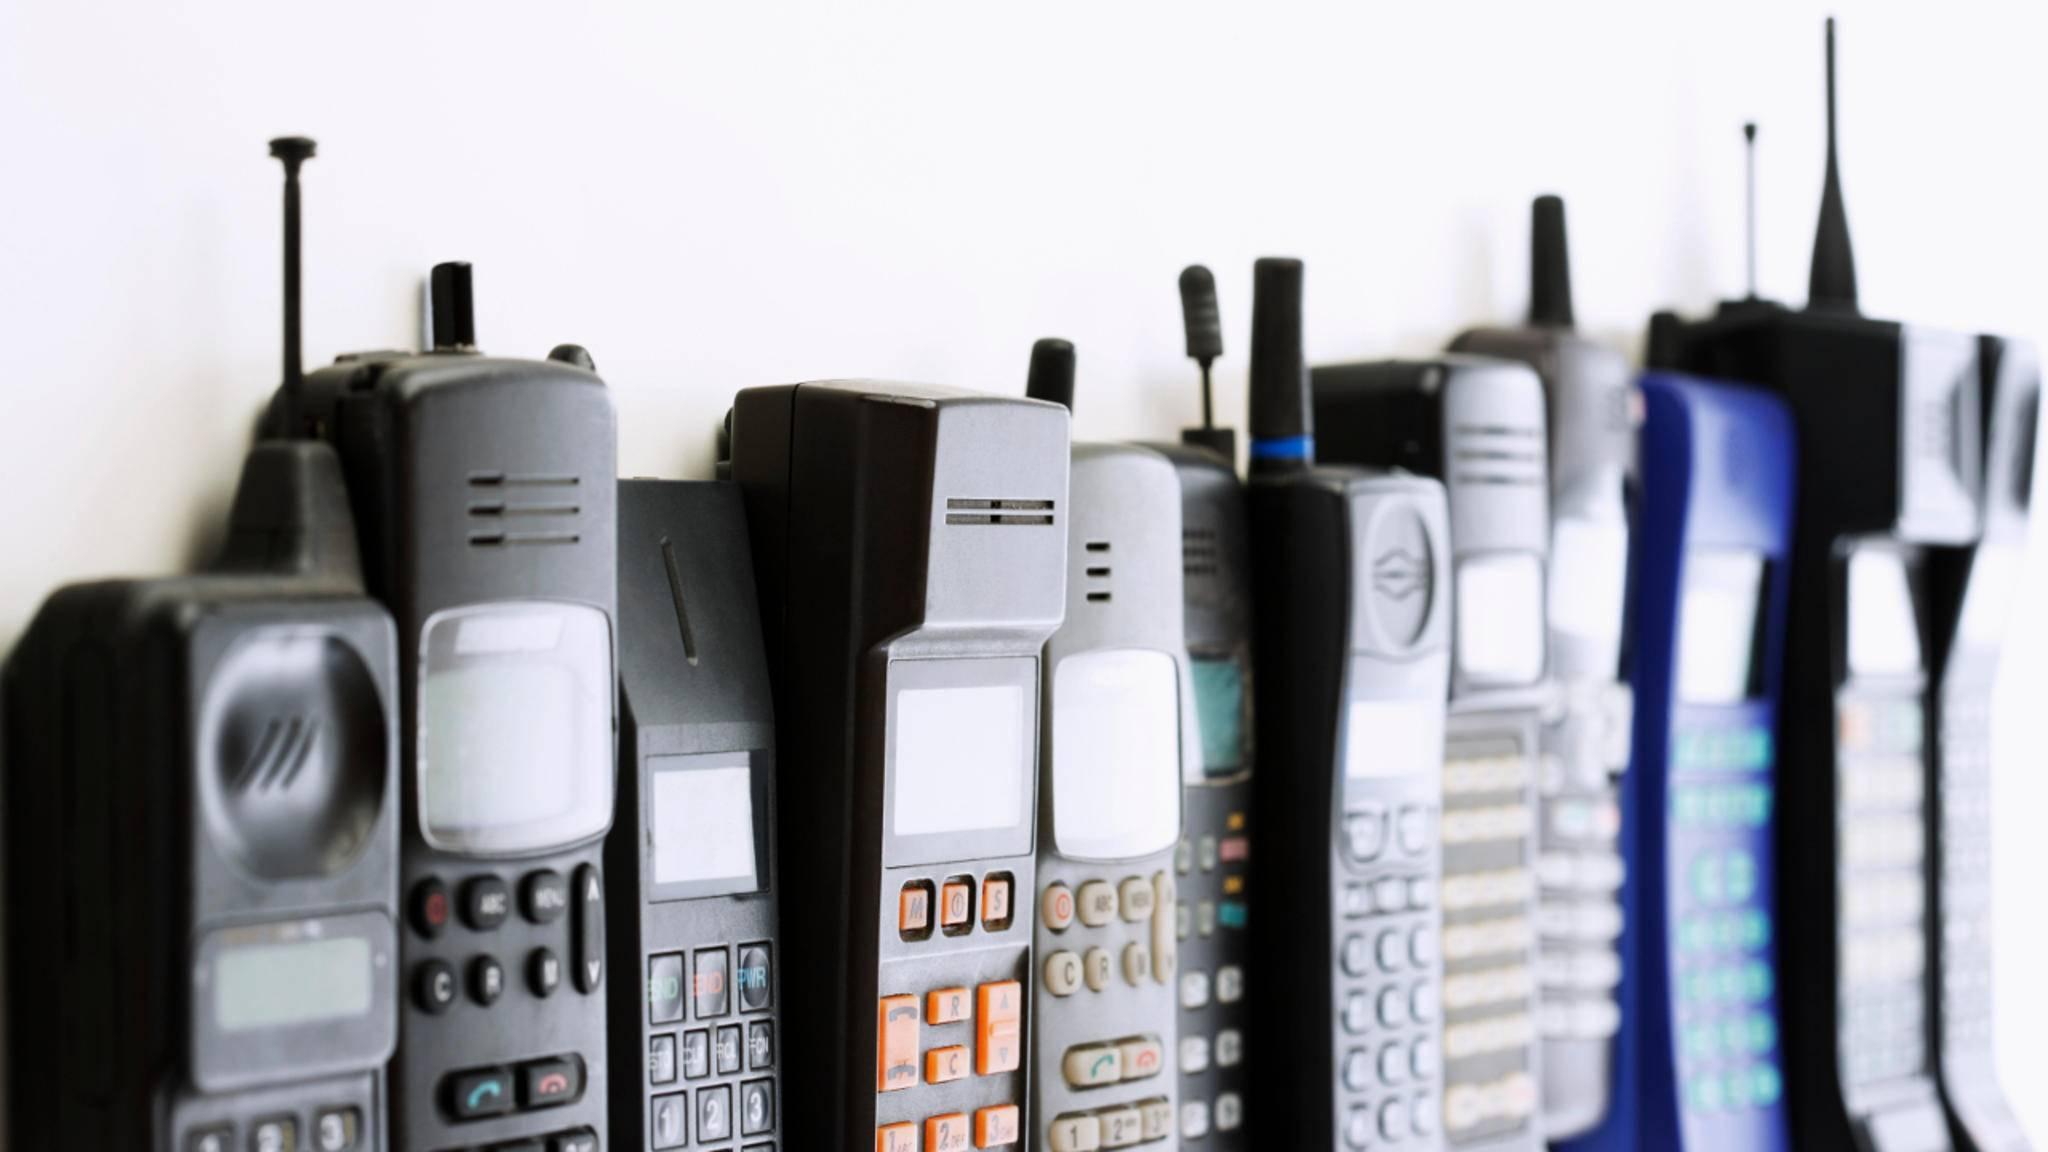 Vom ersten Handy bis zum iPhone X war es ein langer Weg.